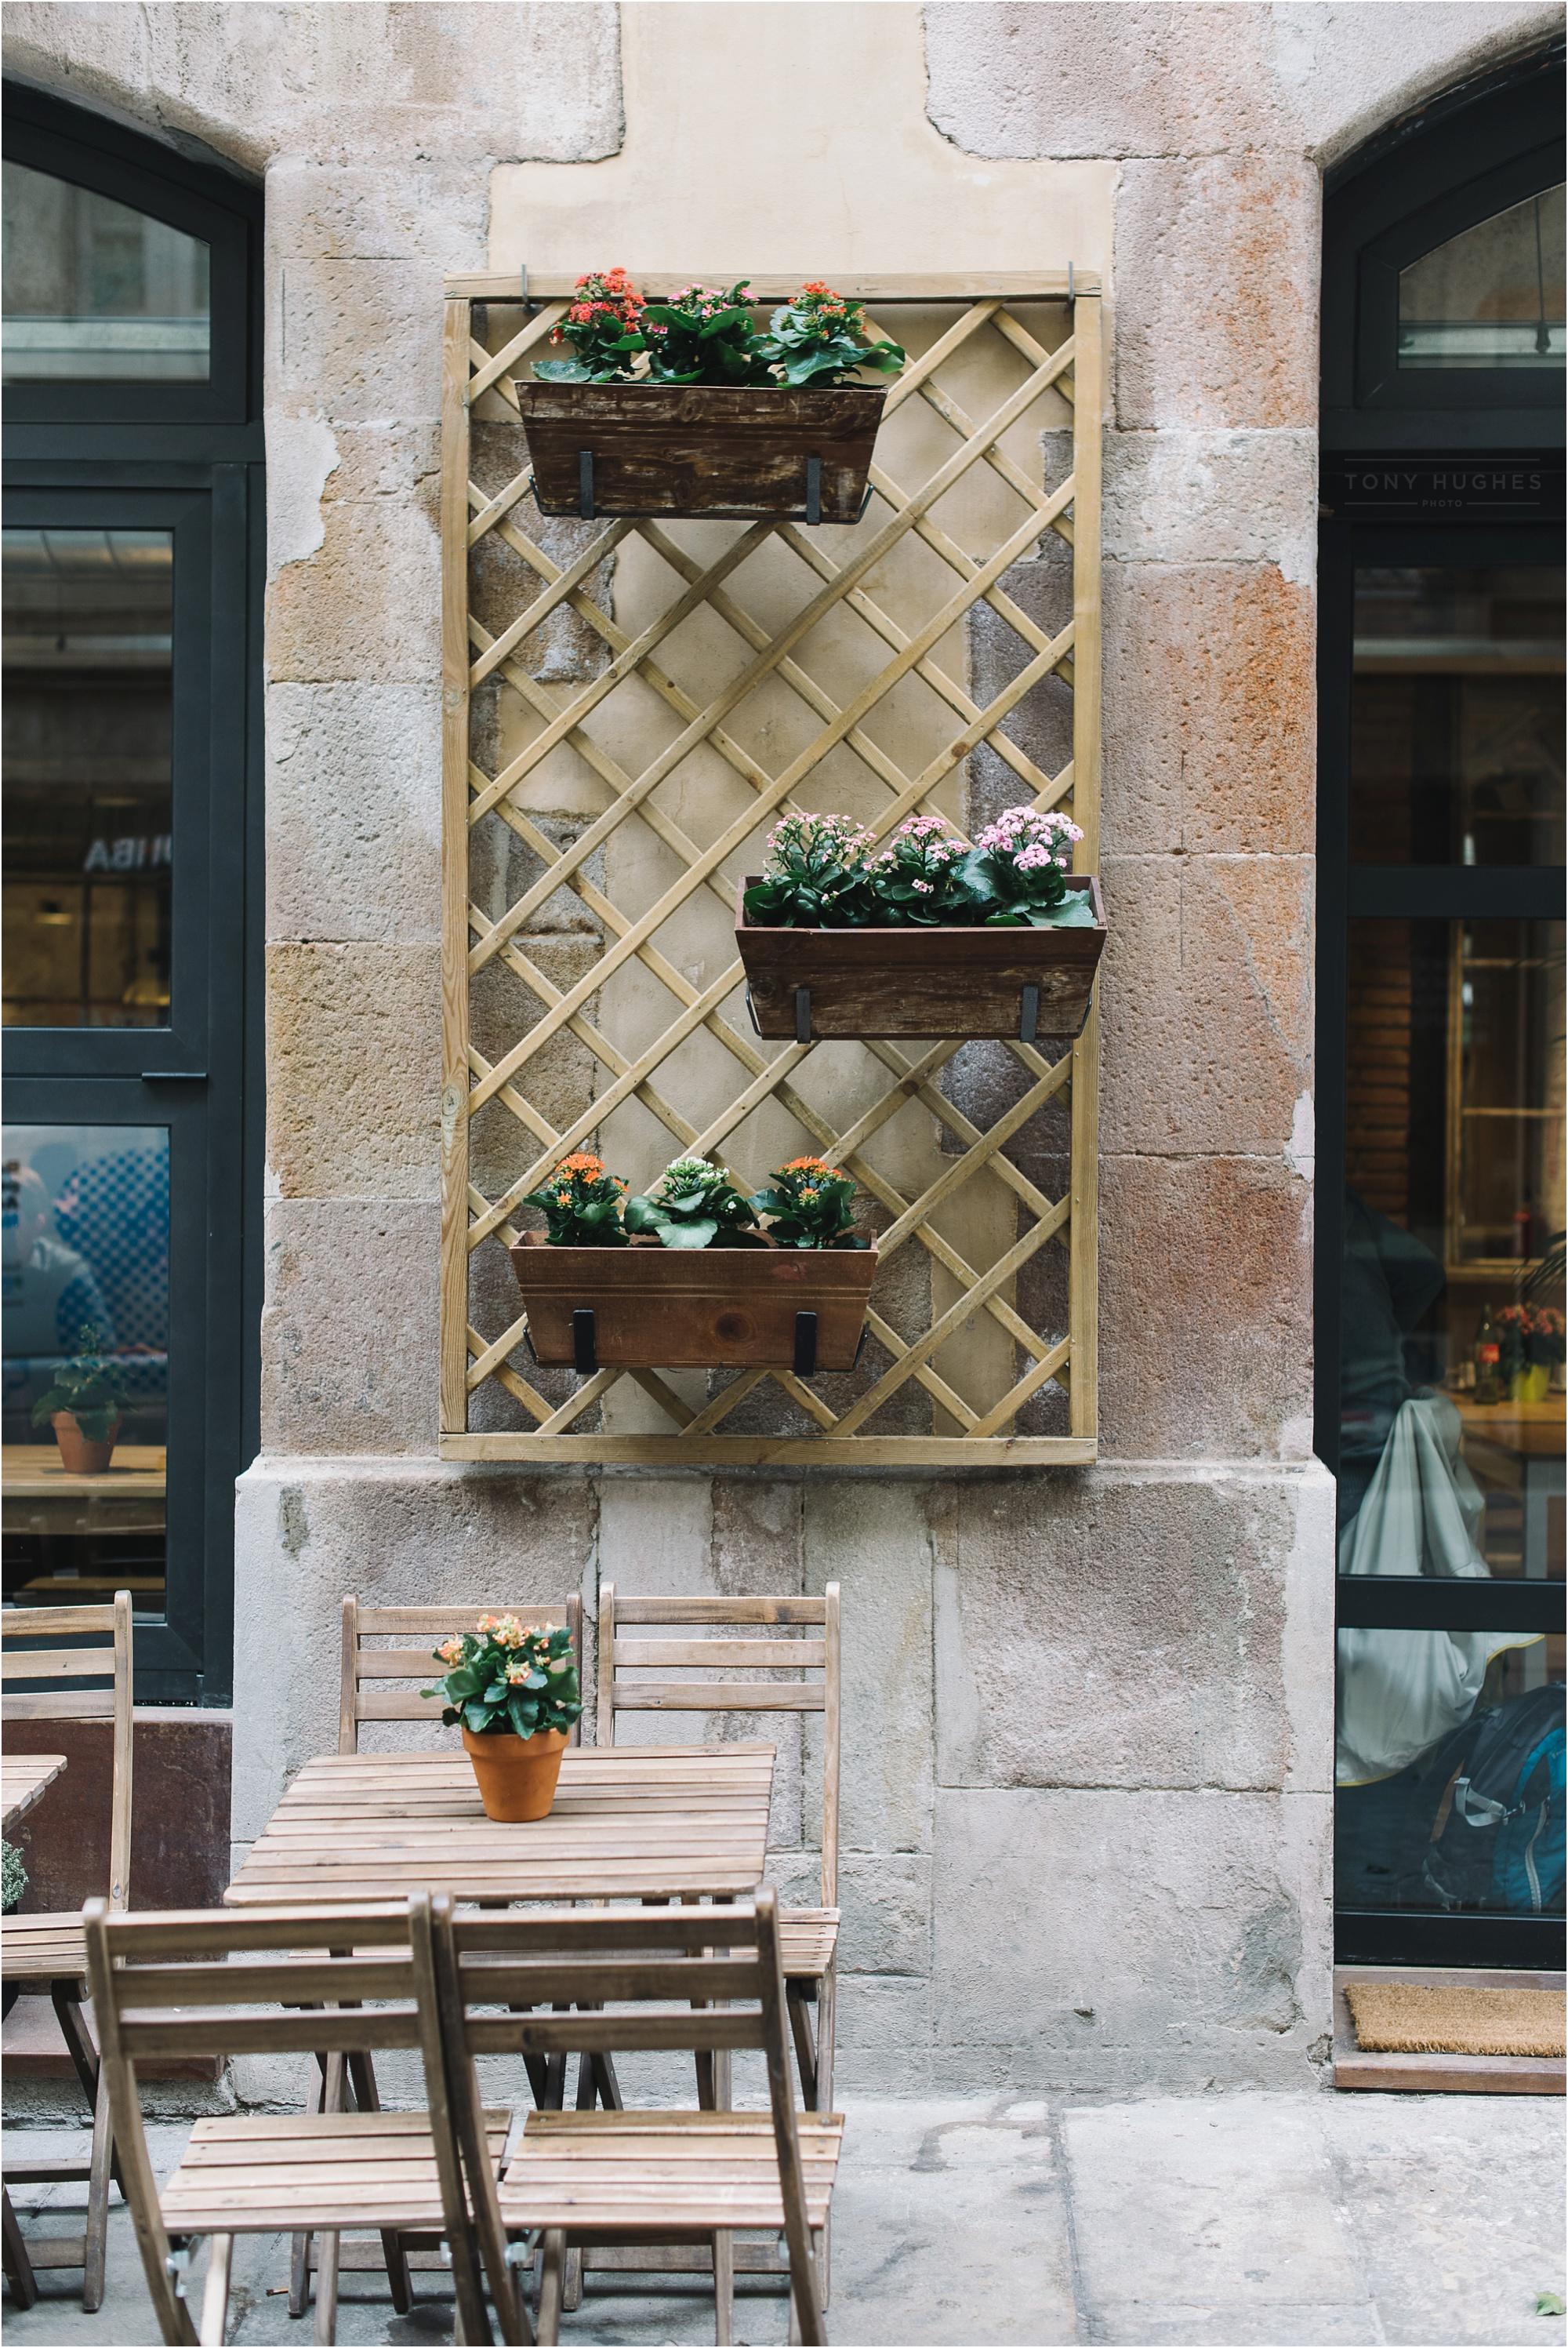 tony-r-hughes-trave-photos-barcelona-spain_0011.jpg